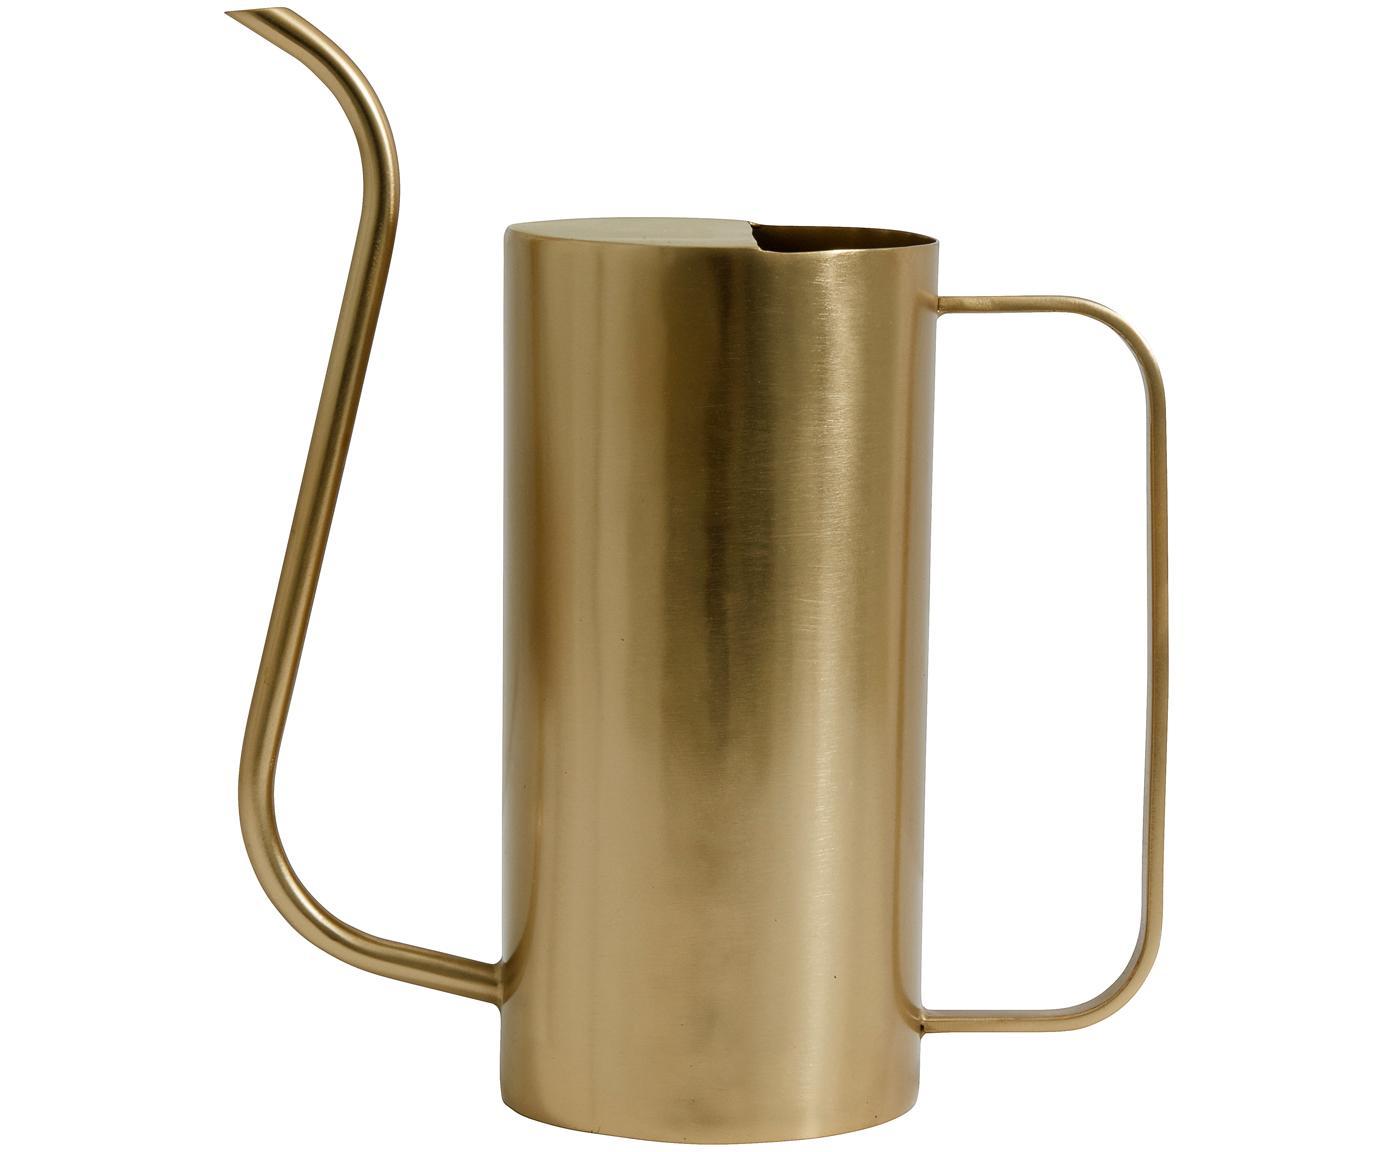 Gieter Brass, Vermessingd ijzer, Messingkleurig, 25 x 25 cm